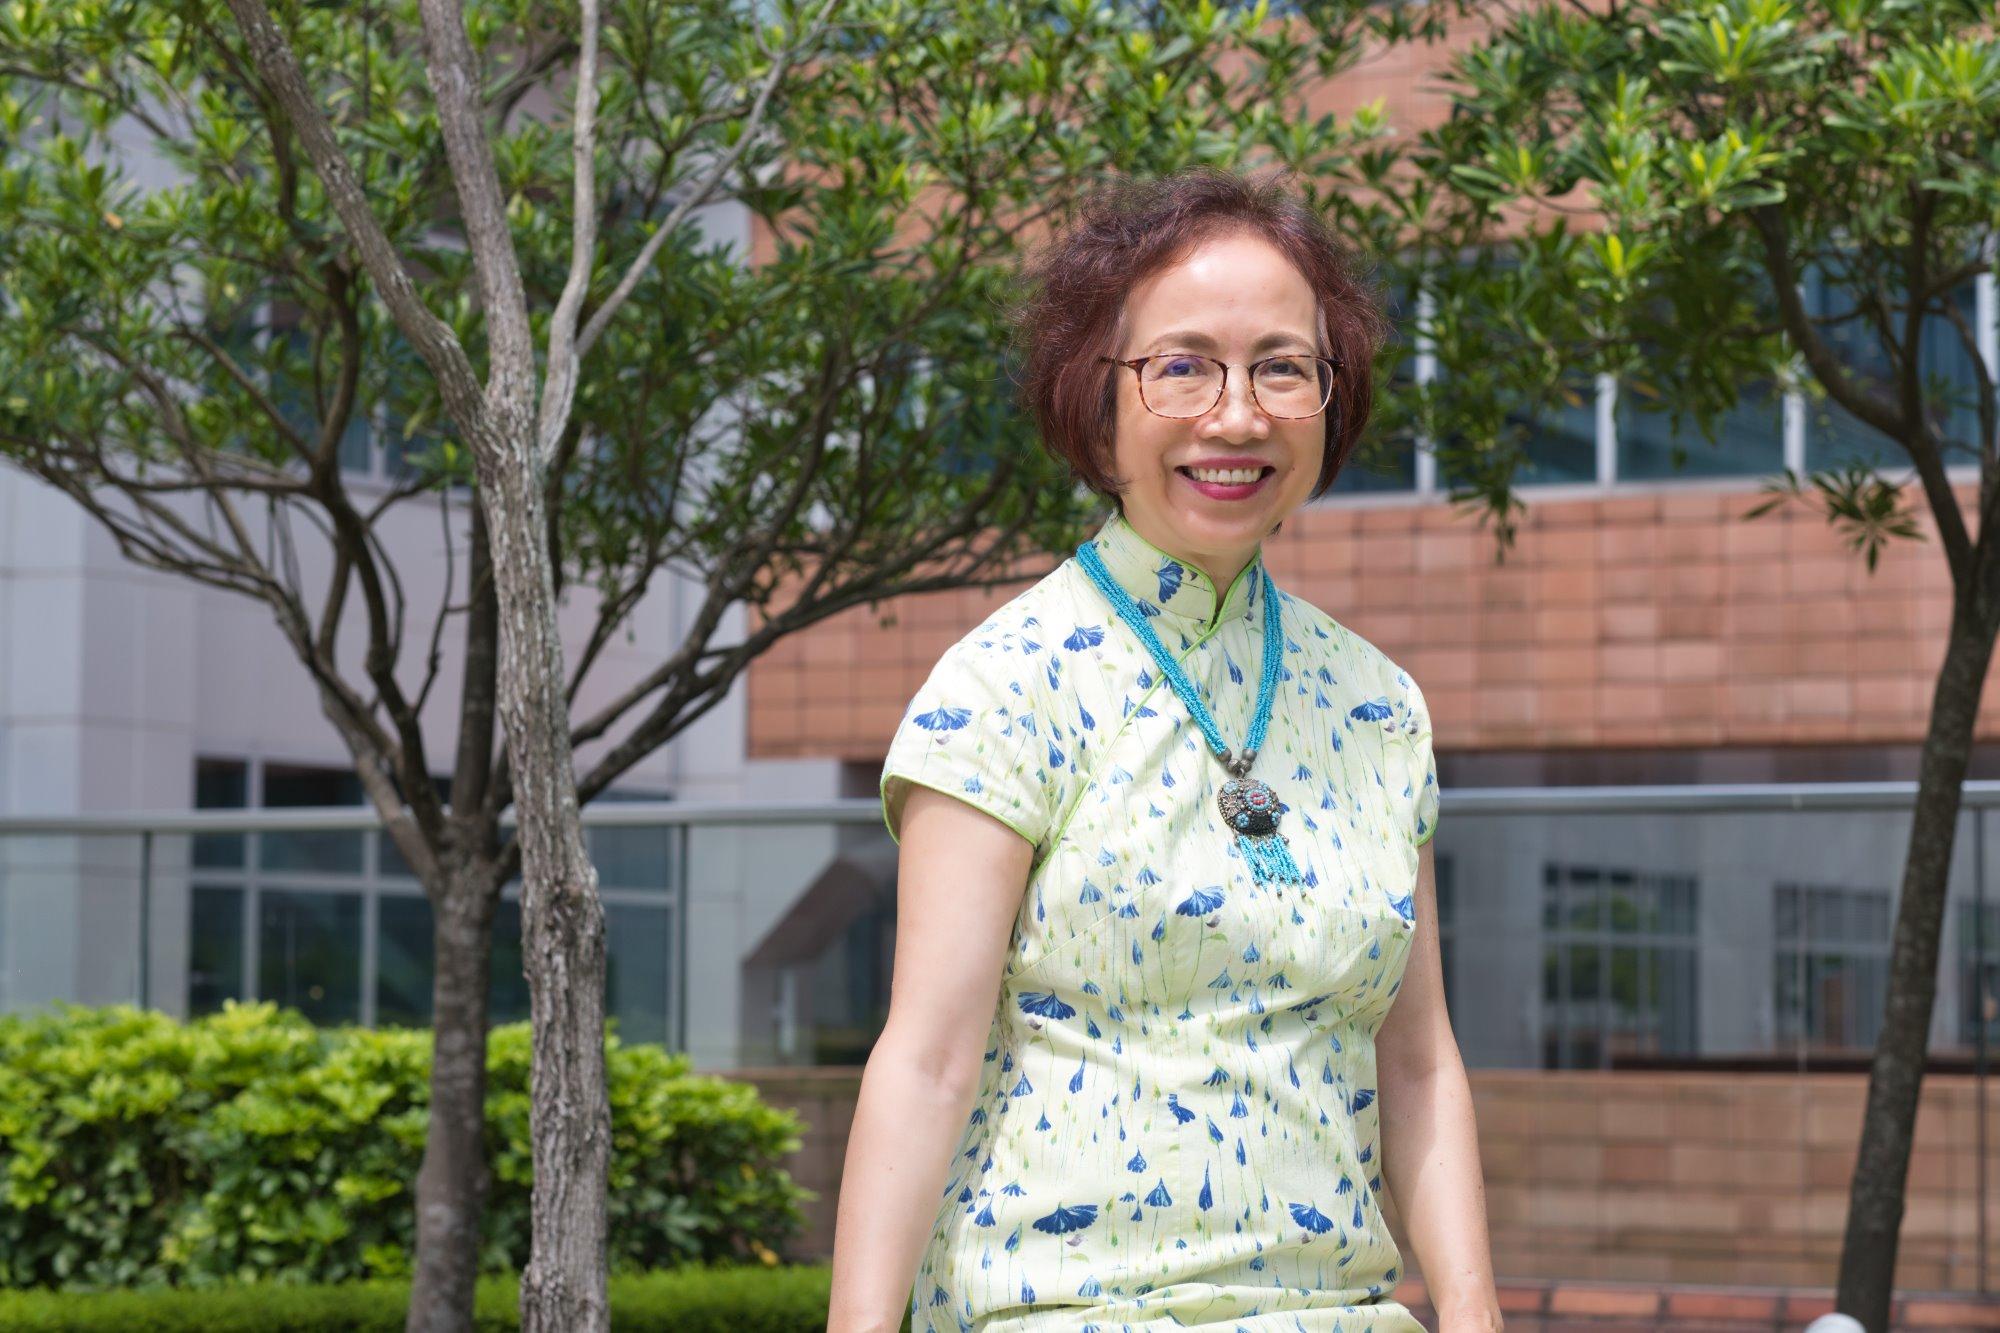 80 年代起於香港大學任教,陳麗雲教授有感社區中的病人缺乏支援